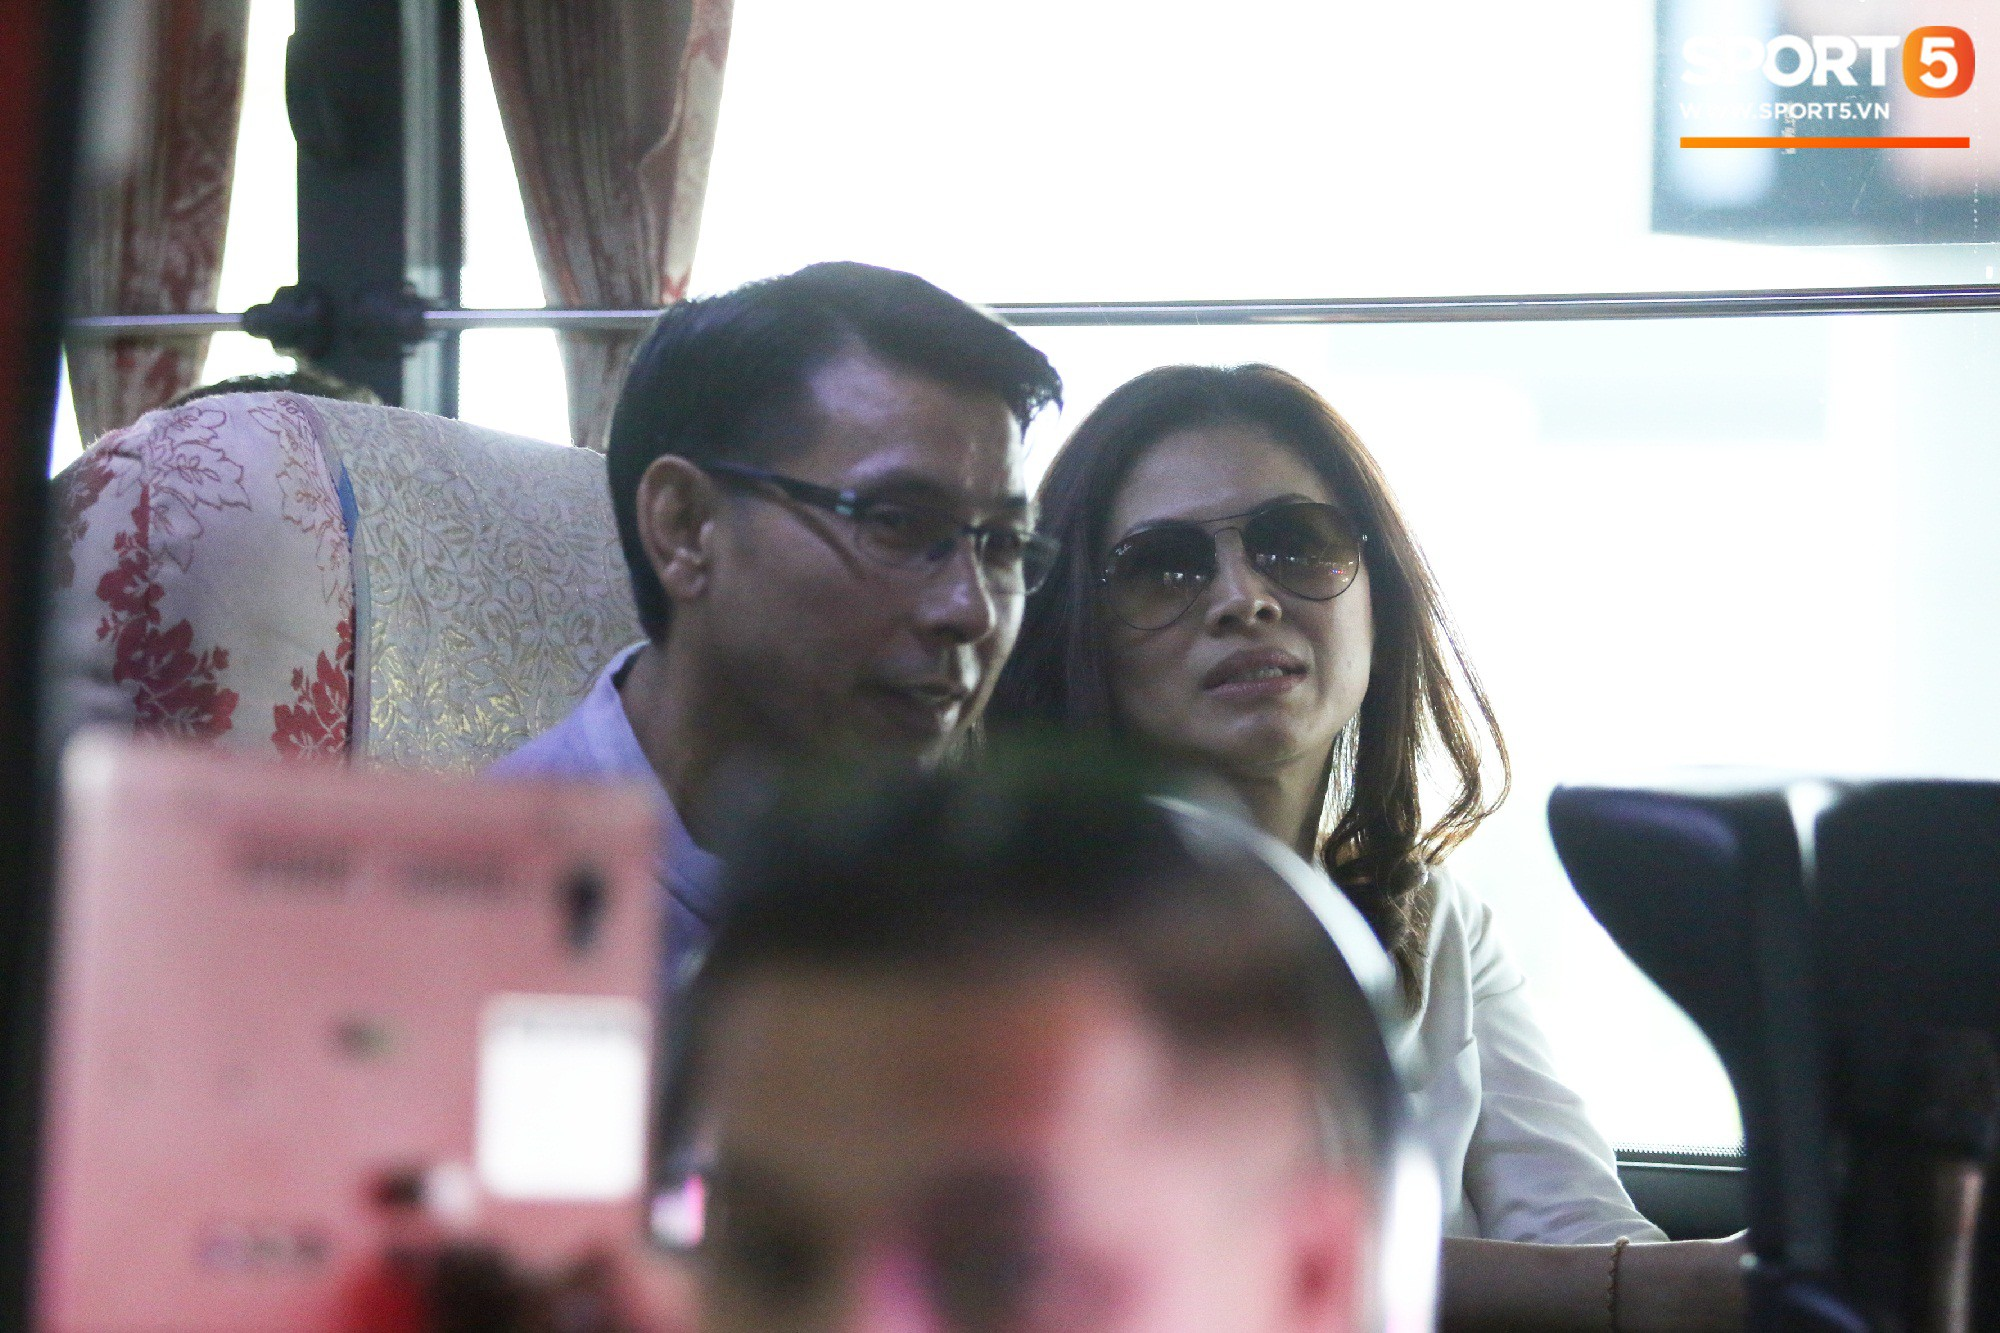 Bà Jocelyn Tan (phải) đi theo chồng sang Việt Nam. Ảnh: Giang Nguyễn